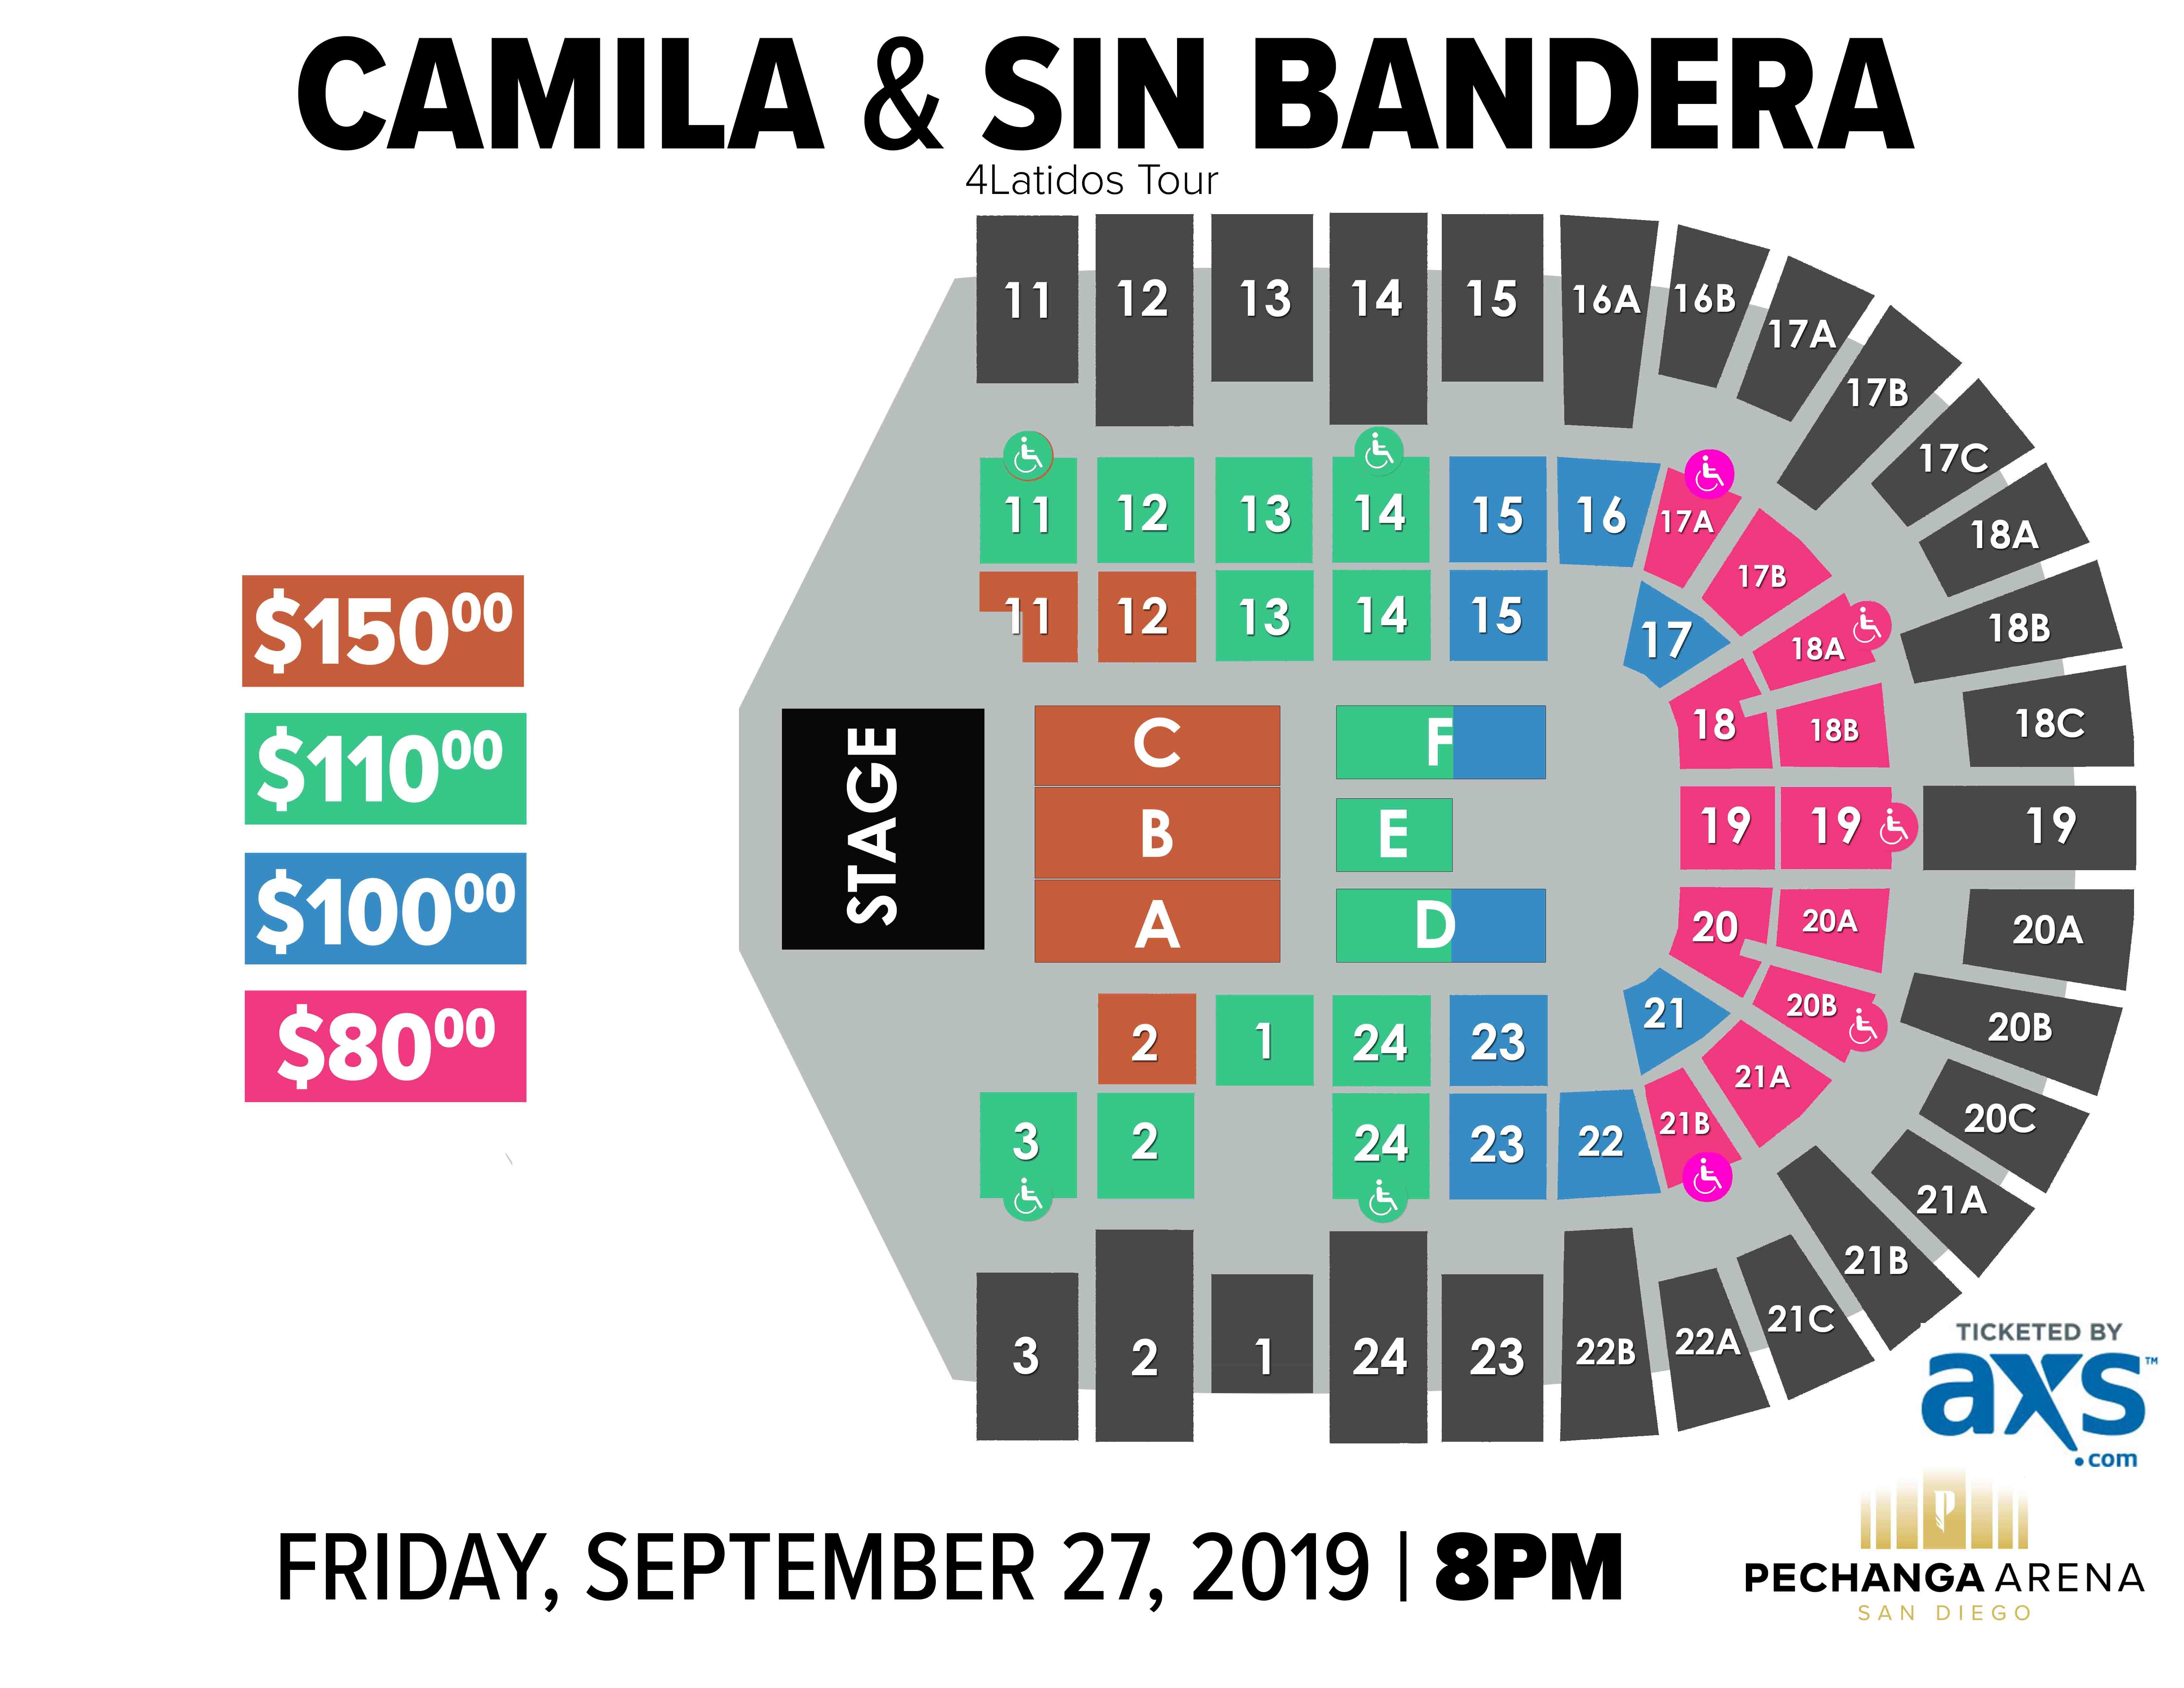 Camila & Sin Bandera: 4 Latidos Tour | Pechanga Arena San Diego